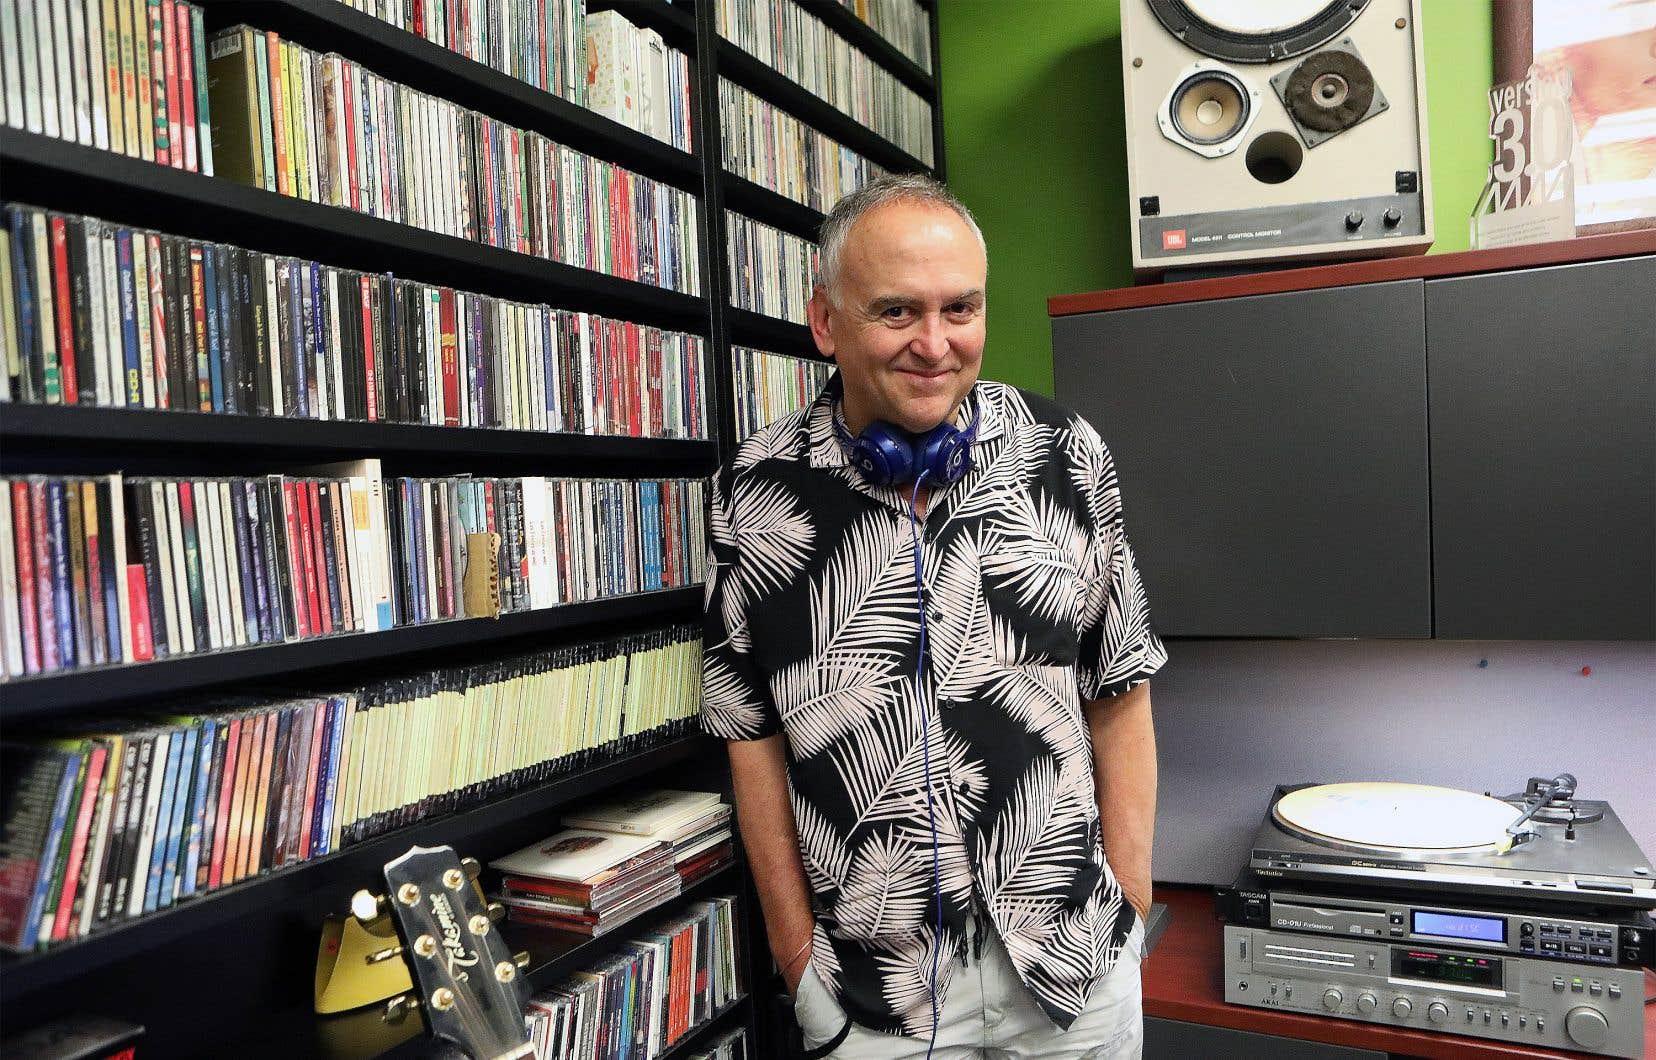 Guy Brouillard assure que la radio va perdurer, car c'est le média de l'immédiat, celui qui s'adresse le plus directement aux gens.